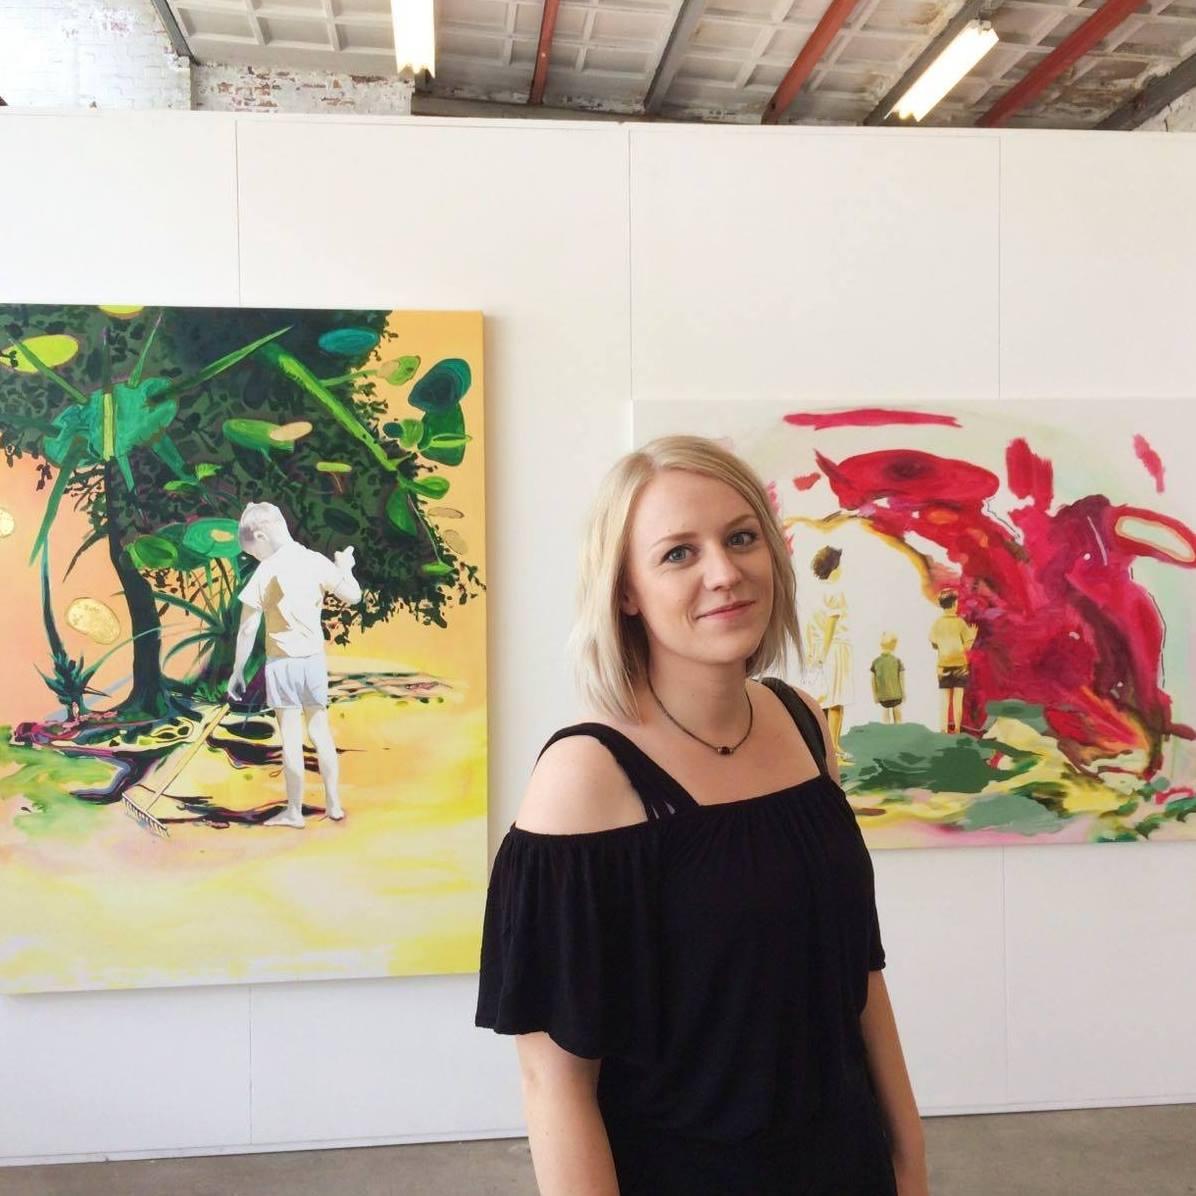 2019. Helena Hoogenraad. Hart Nibbrig Atelierprijs.